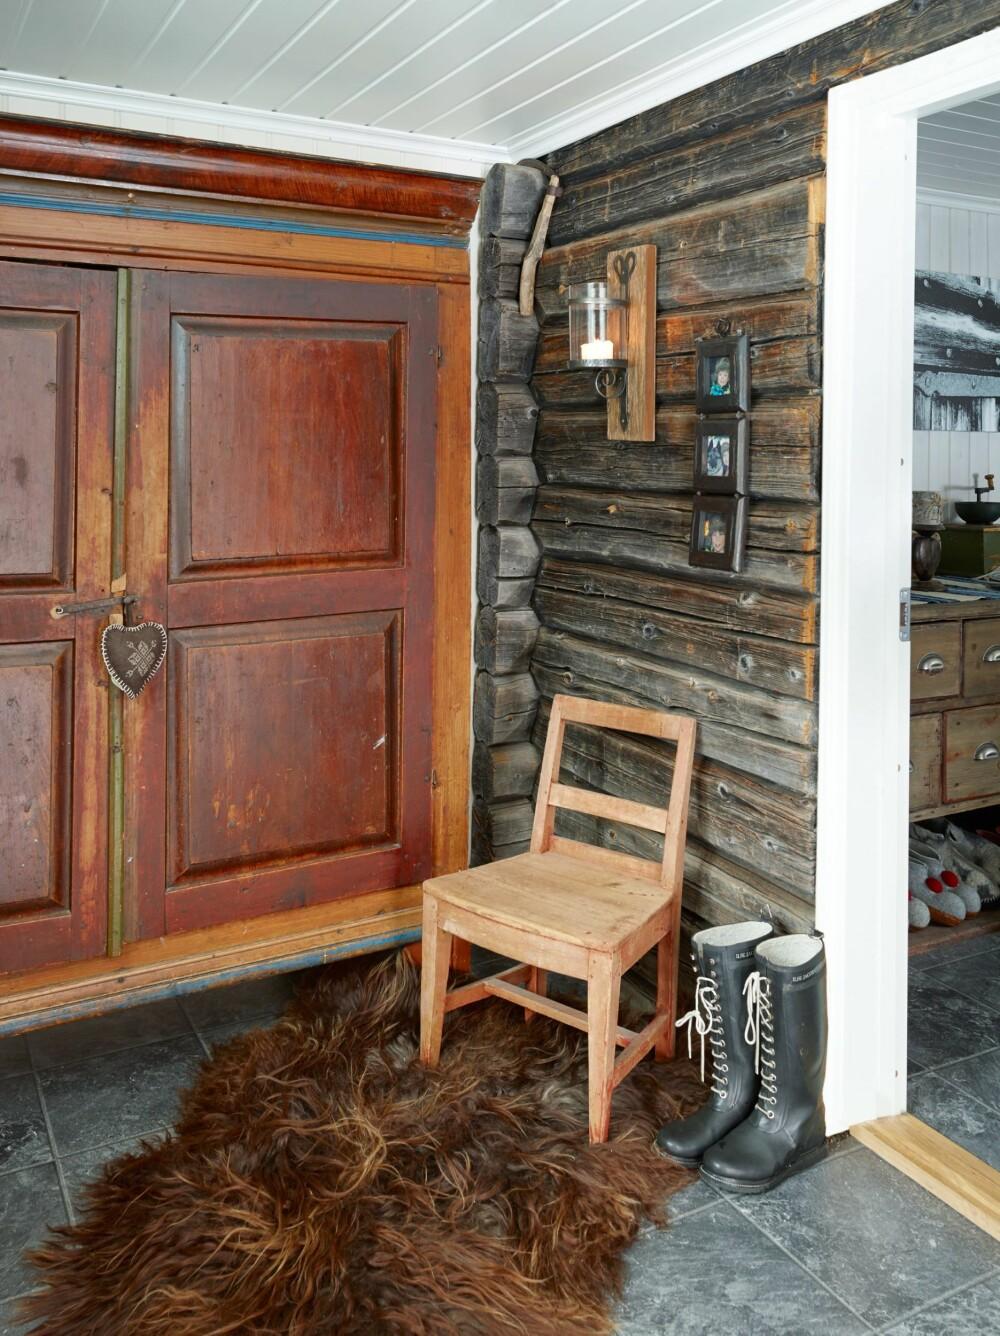 Tok vare på ytterveggen: I gangen har familien beholdt den vakre ytterkledningen fra det gamle inngangspartiet.